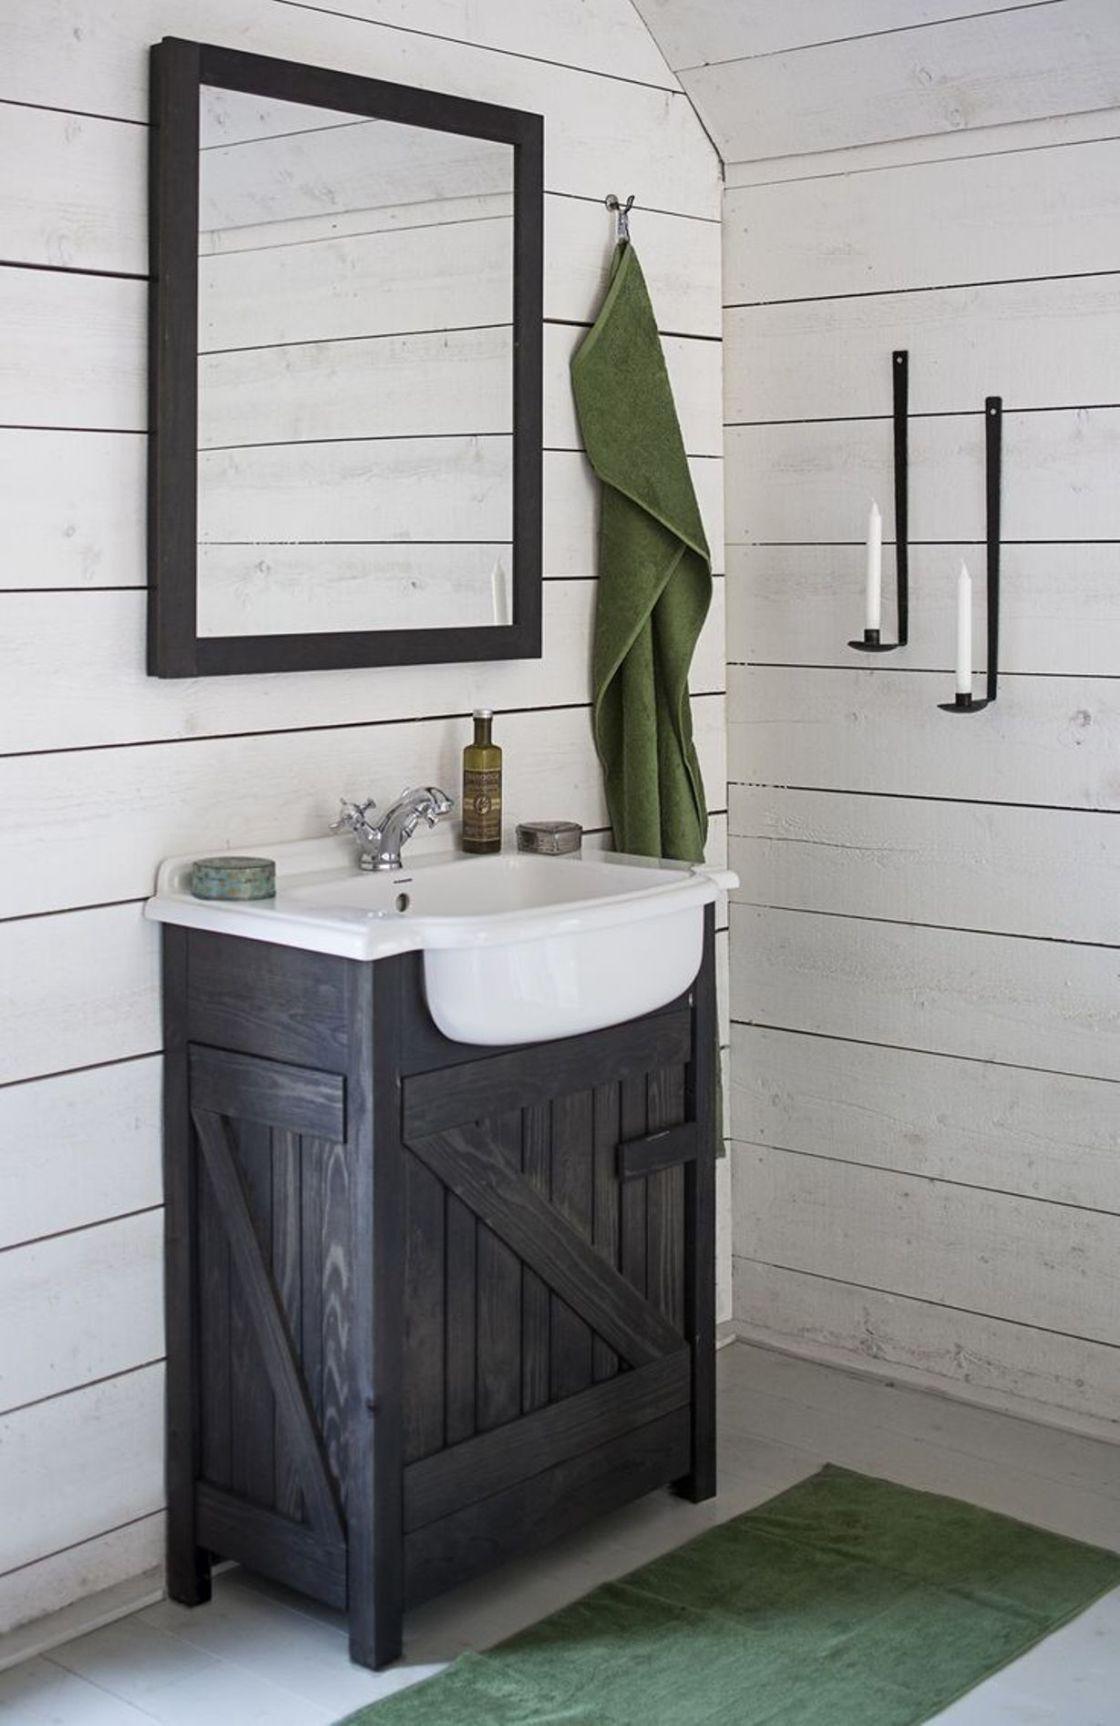 Image result for half bath vanity